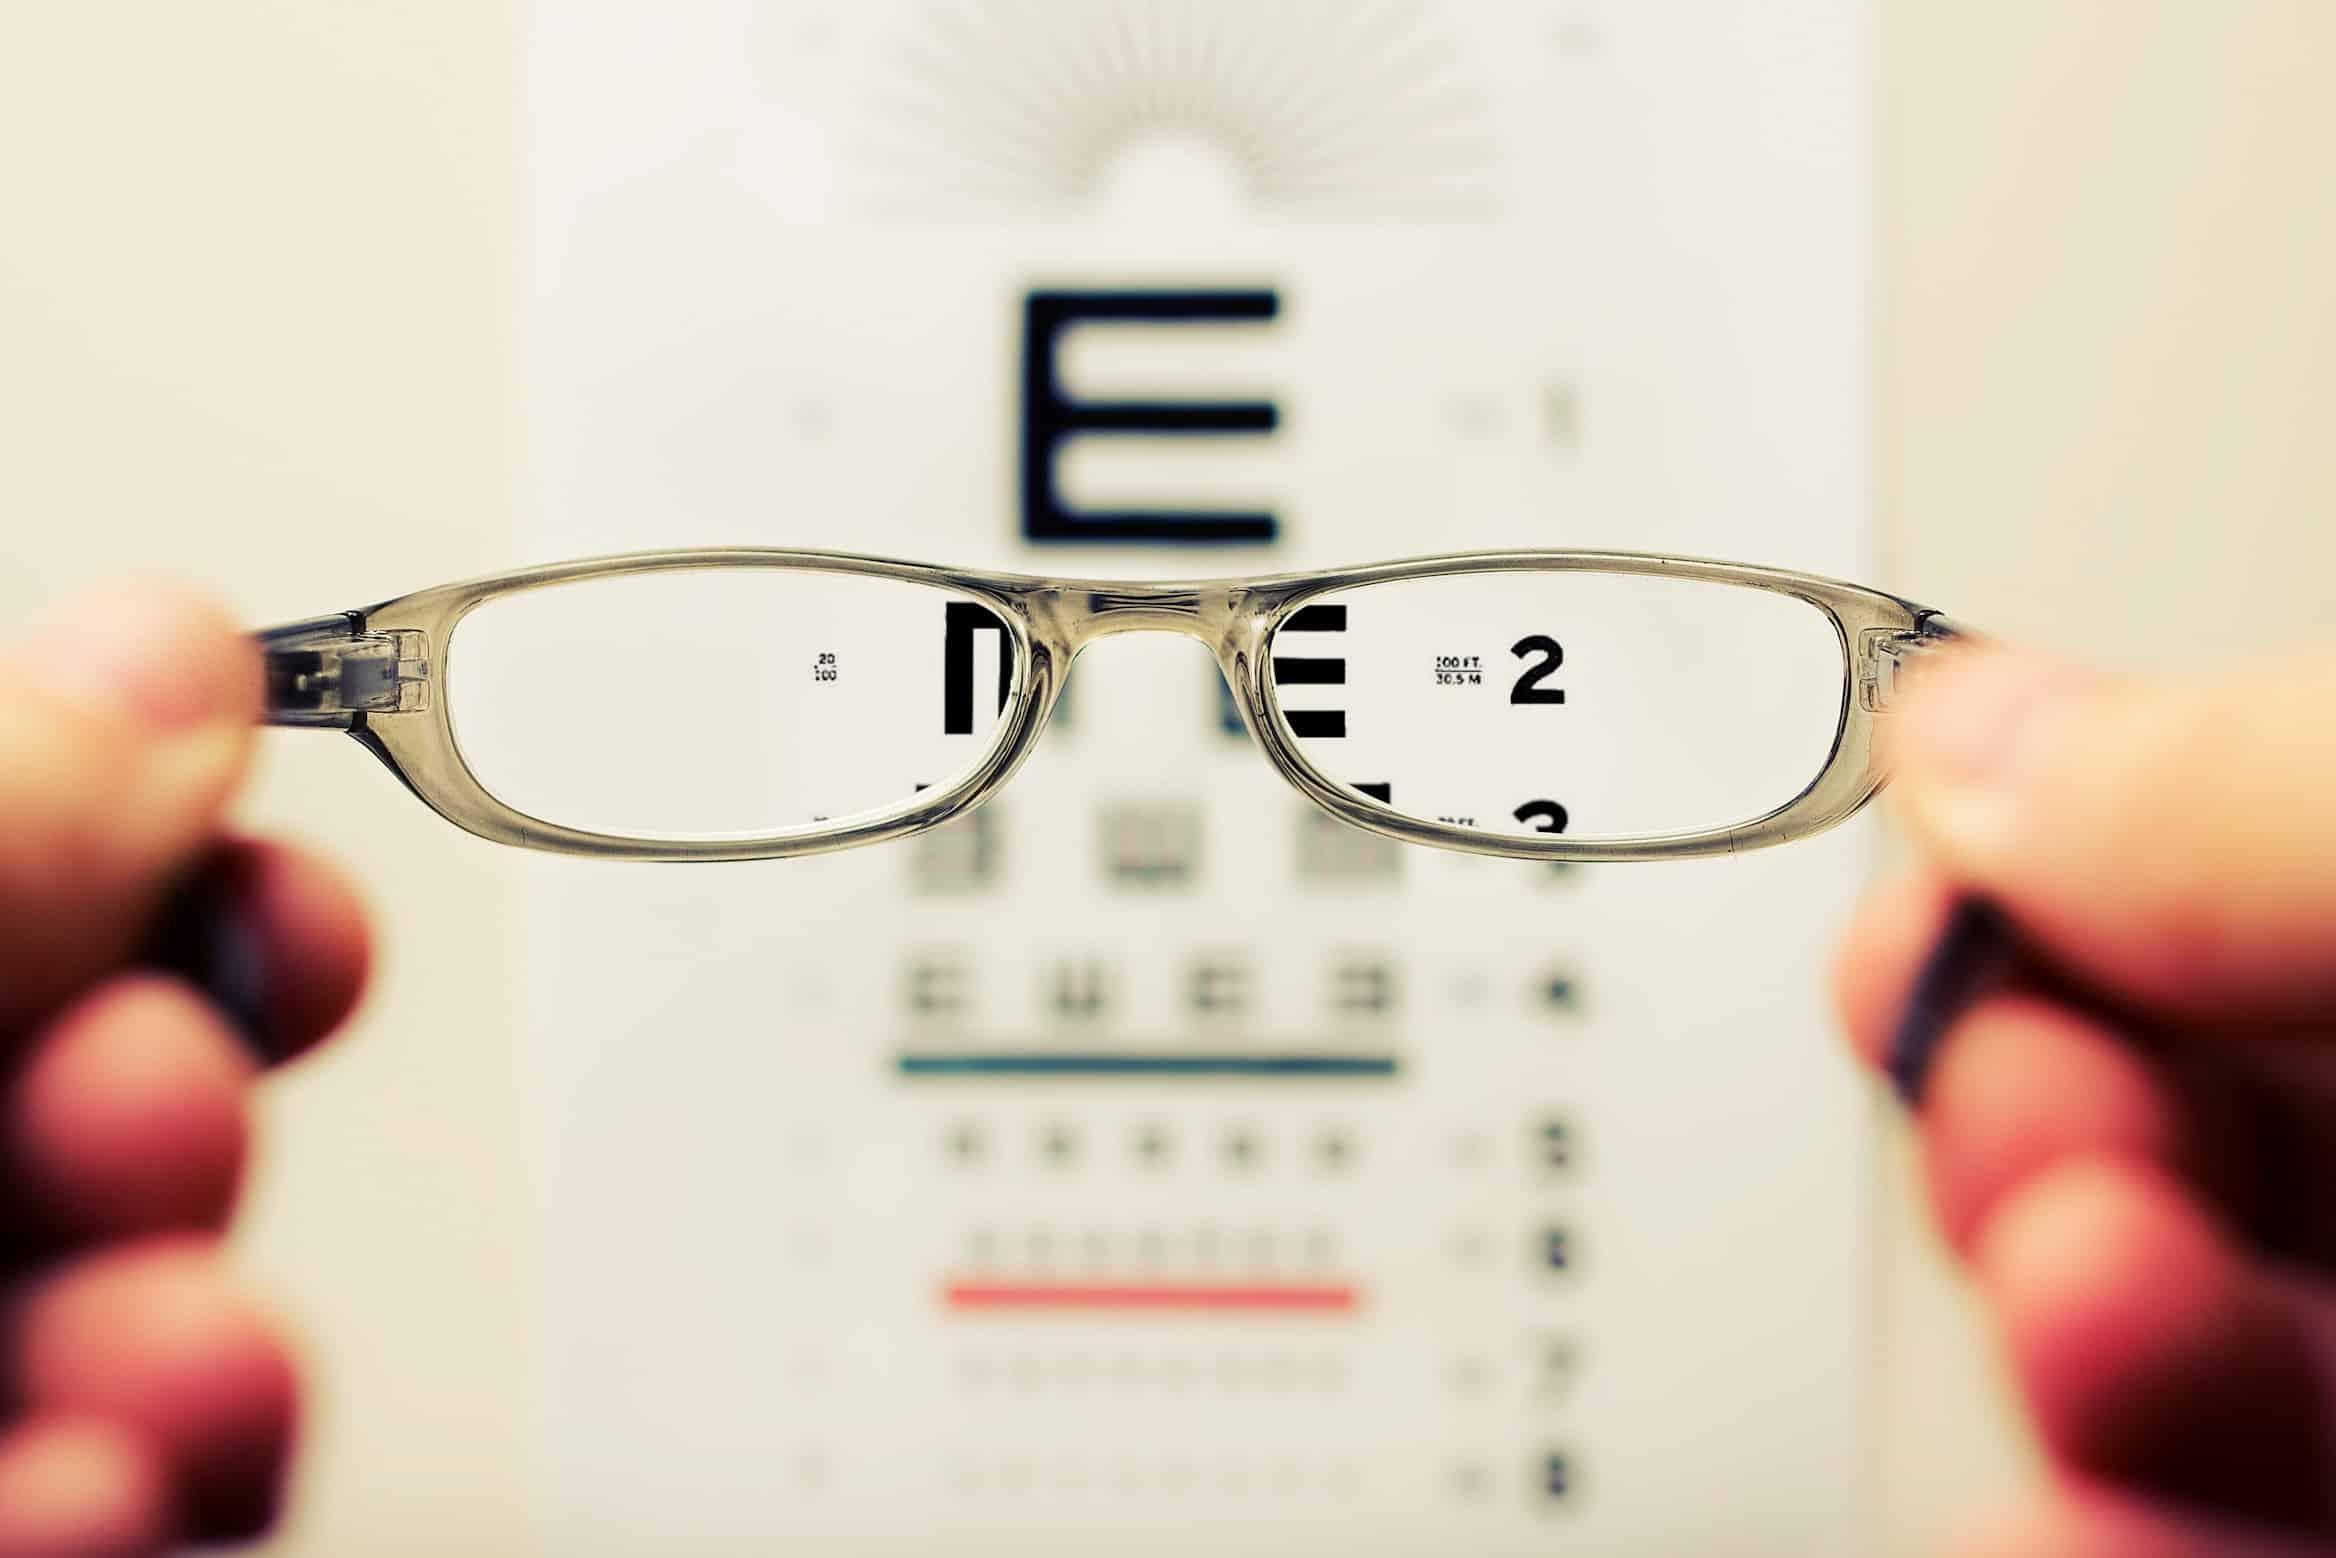 hogyan kezeljük a látást, ha mínusz mi a látásromlás 2-9 kategóriában?